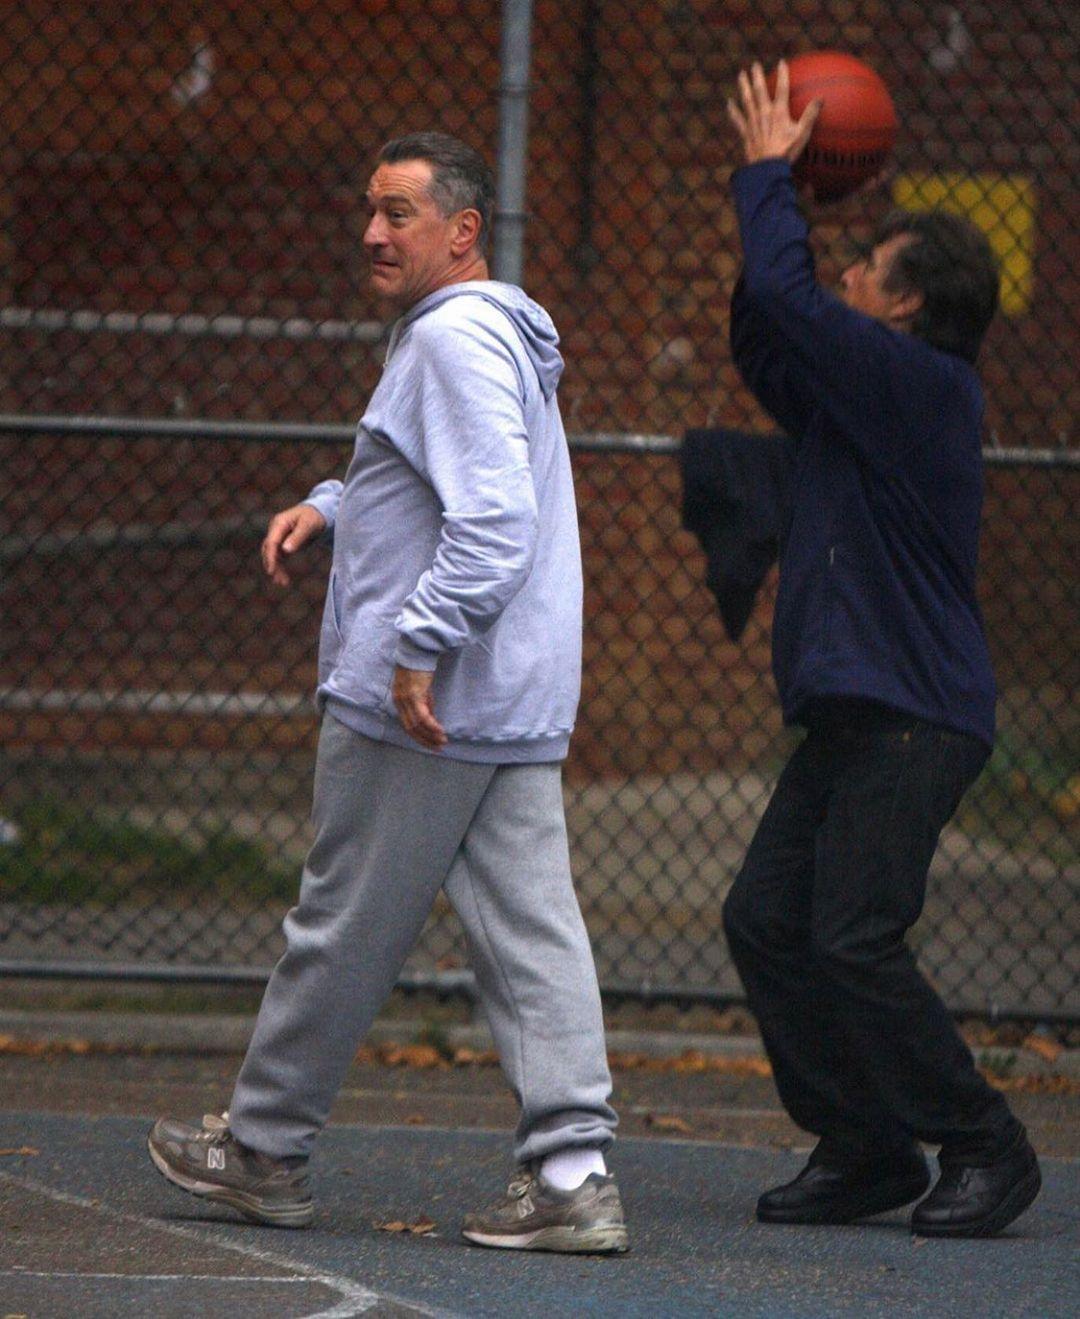 Robert de Niro & Al Pacino playing Basketball in NYC